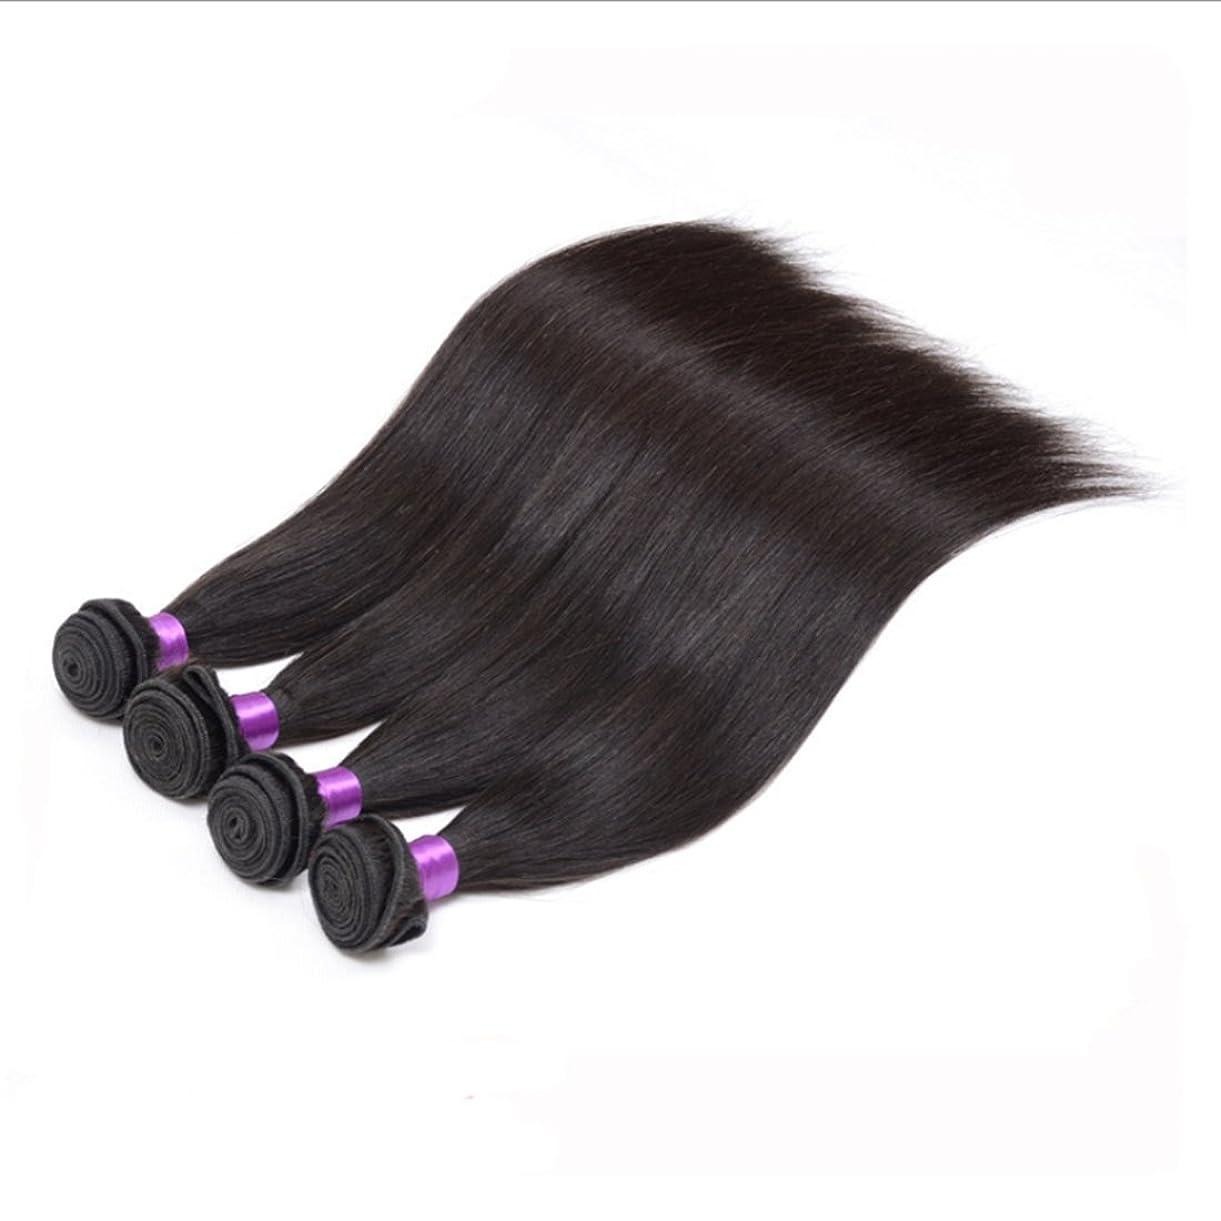 拷問スタック異なるブラジルの人間の髪のかつらのための本当に髪のカーテン滑らかなストレートを使用してリアルなウィッグサイズの8?21インチのストレートヘア (サイズ : 22inch)